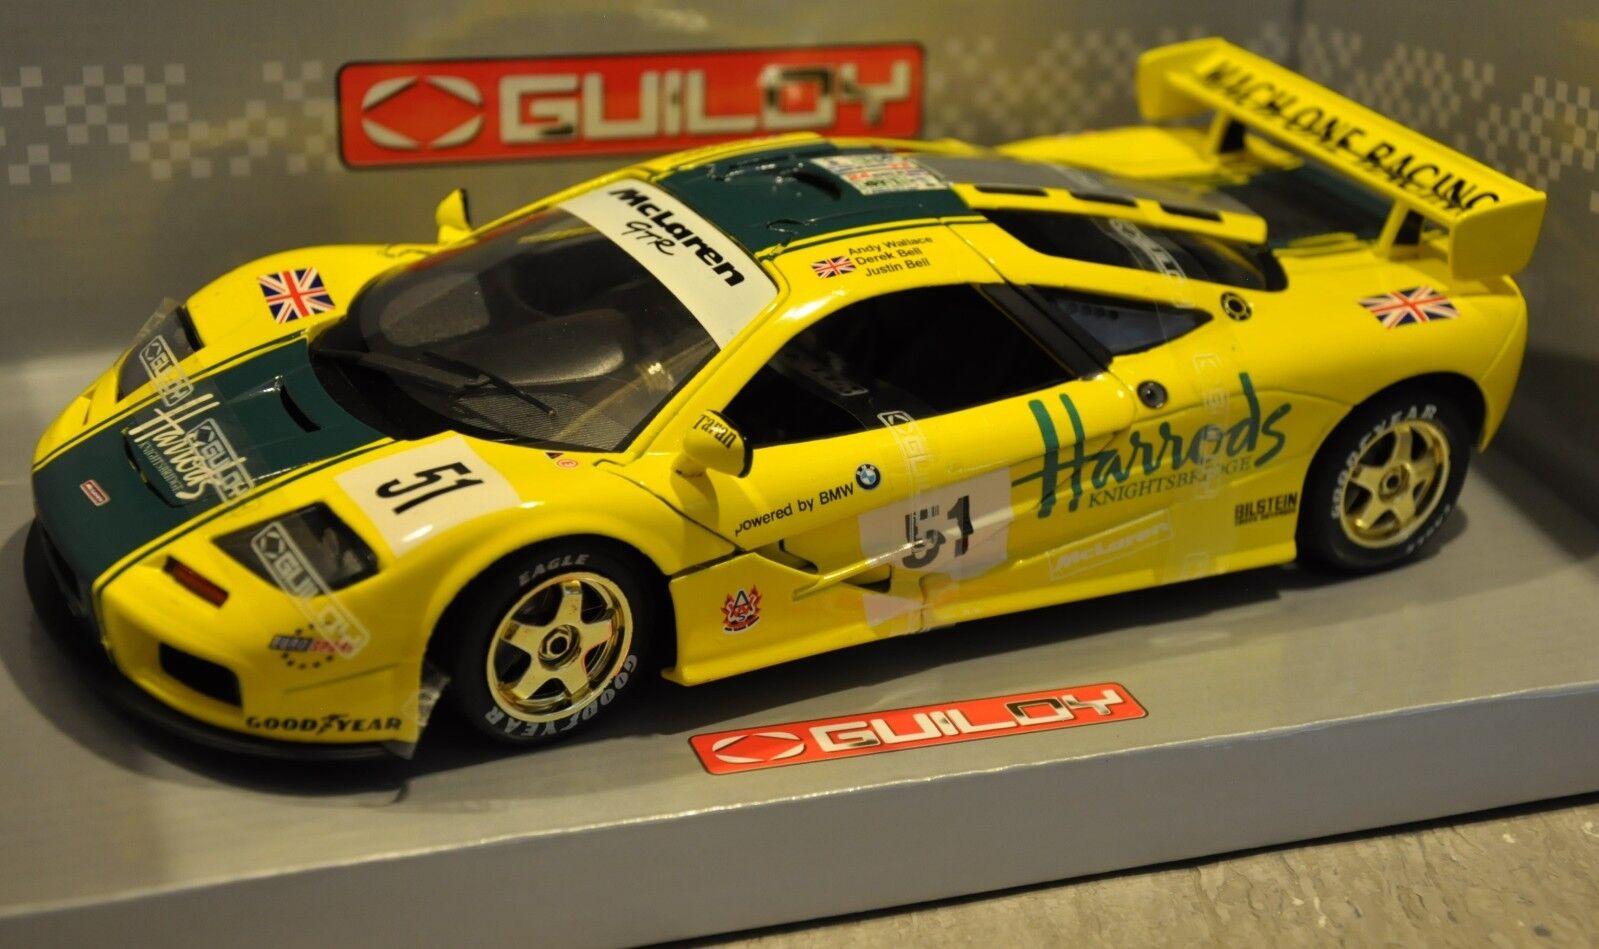 marcas de moda Guiloy 1 18 18 18 McLaren F1 GTR HARRODS  51 Le Mans 24 horas 1995  con 60% de descuento